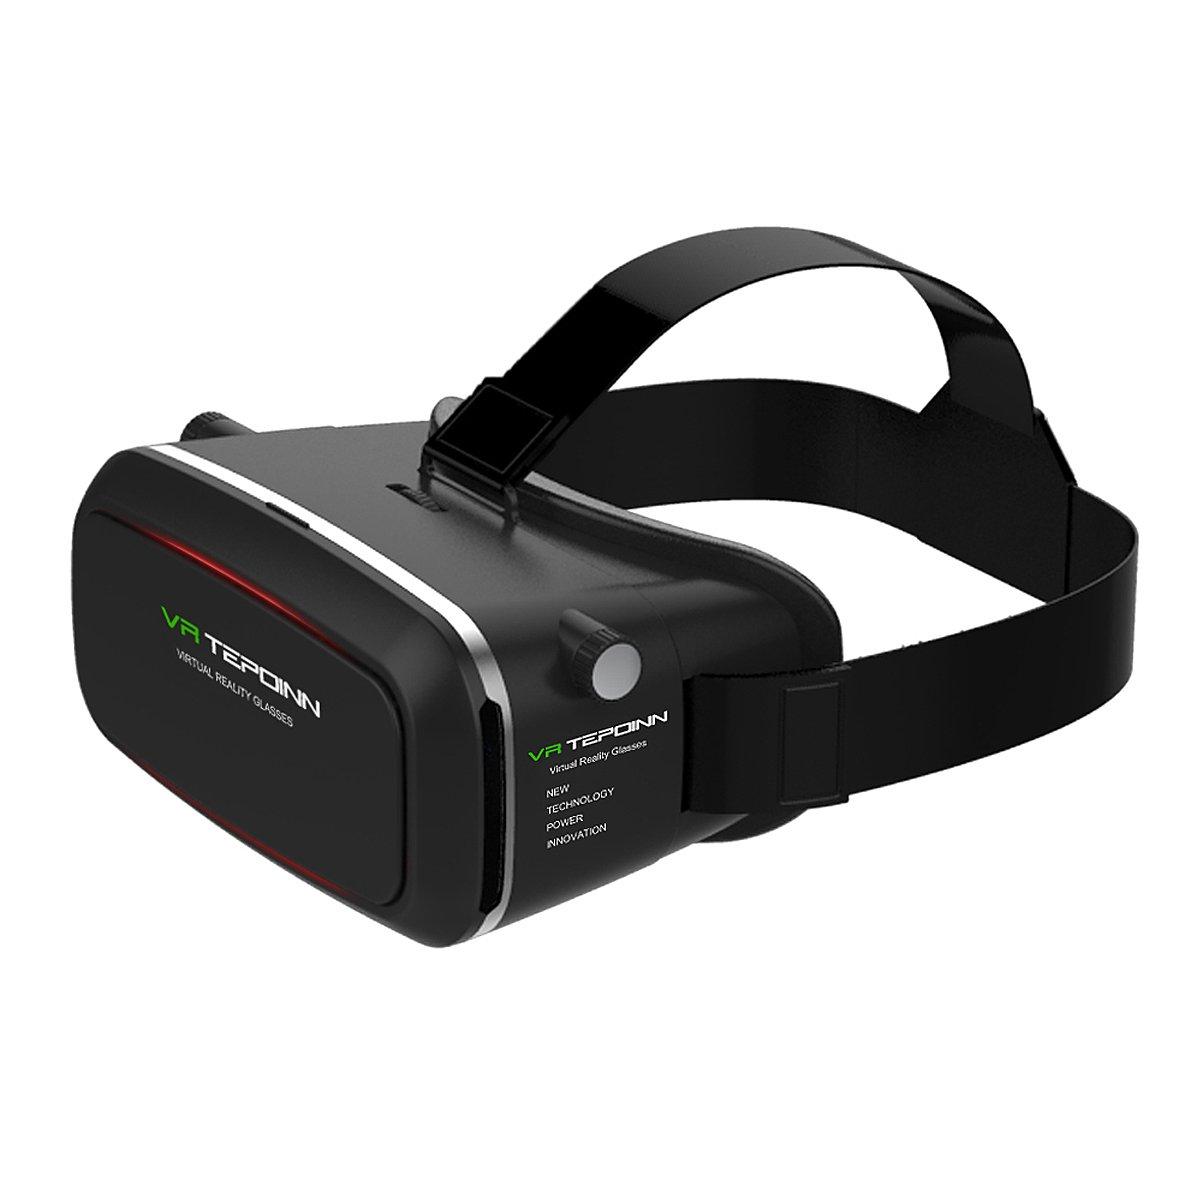 Tepoinn Casque Lunette VR 3D Réalité Virtuelle Lunette Virtuelle Le Plus Léger 3D Films Compatible avec Tous Les Smartphones Dont l'écran est DE 4,0 à 5,7 Pouces